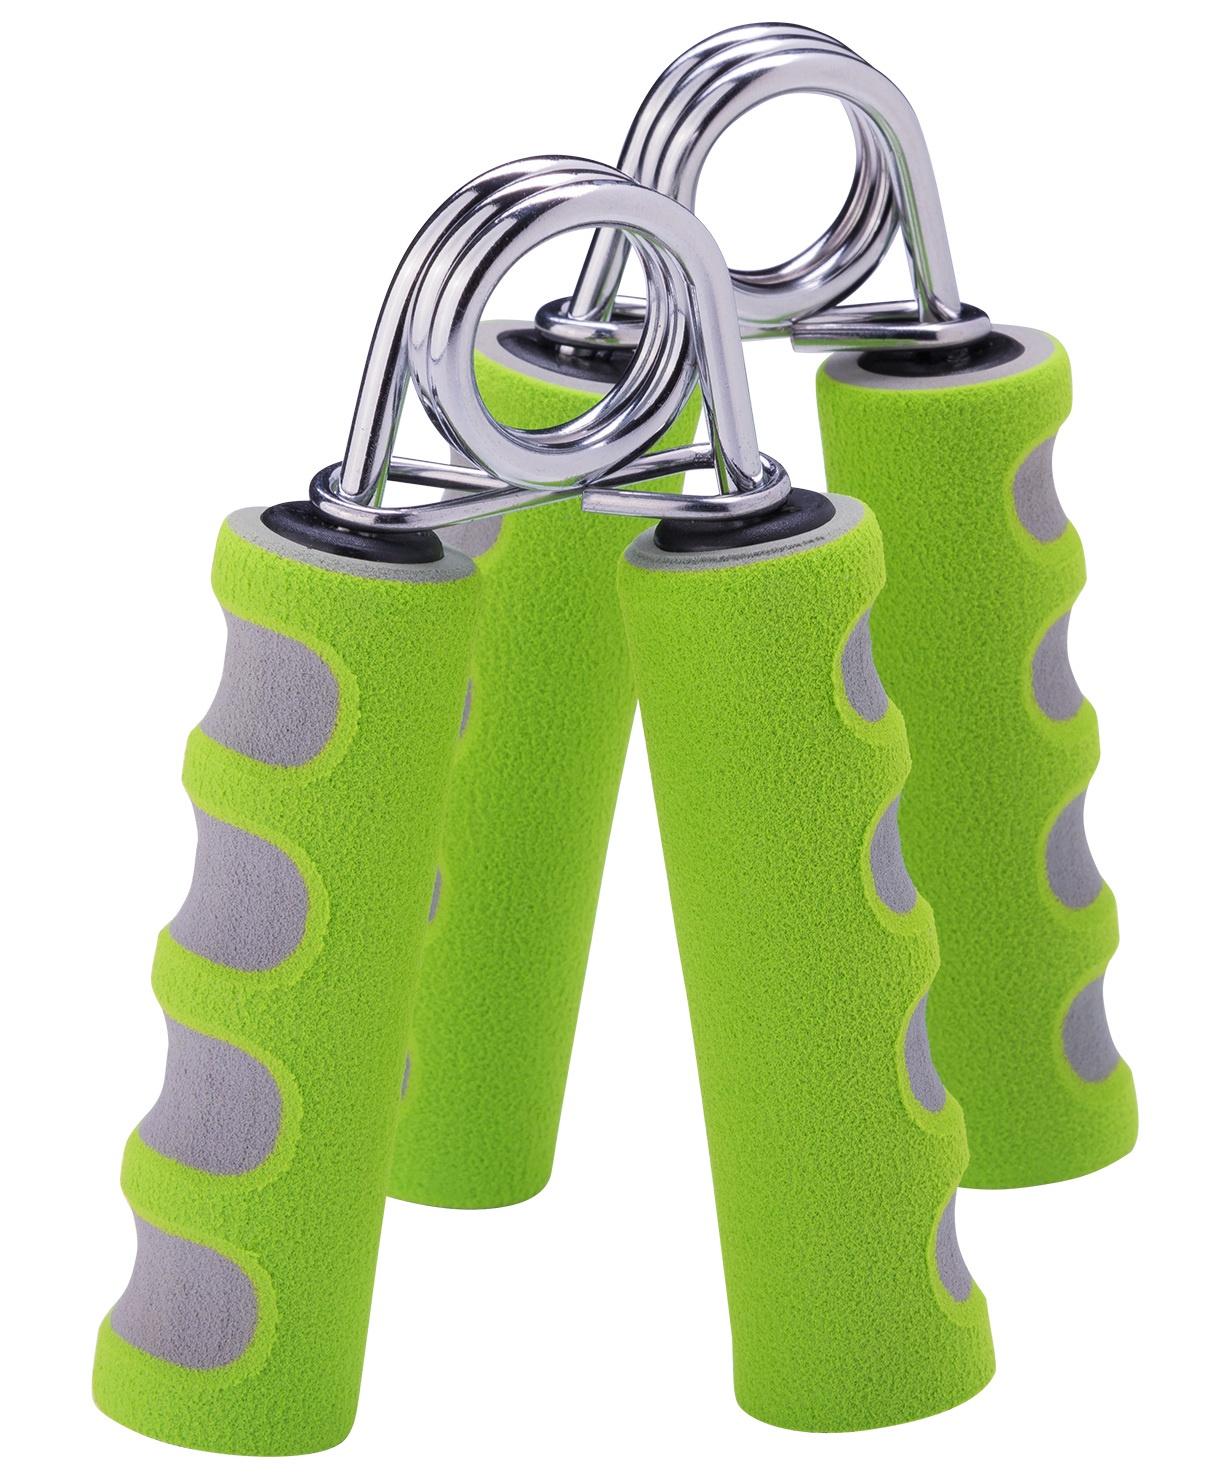 Эспандер кистевой пружинный Starfit ES-304, УТ-00007335, серый, зеленый цена